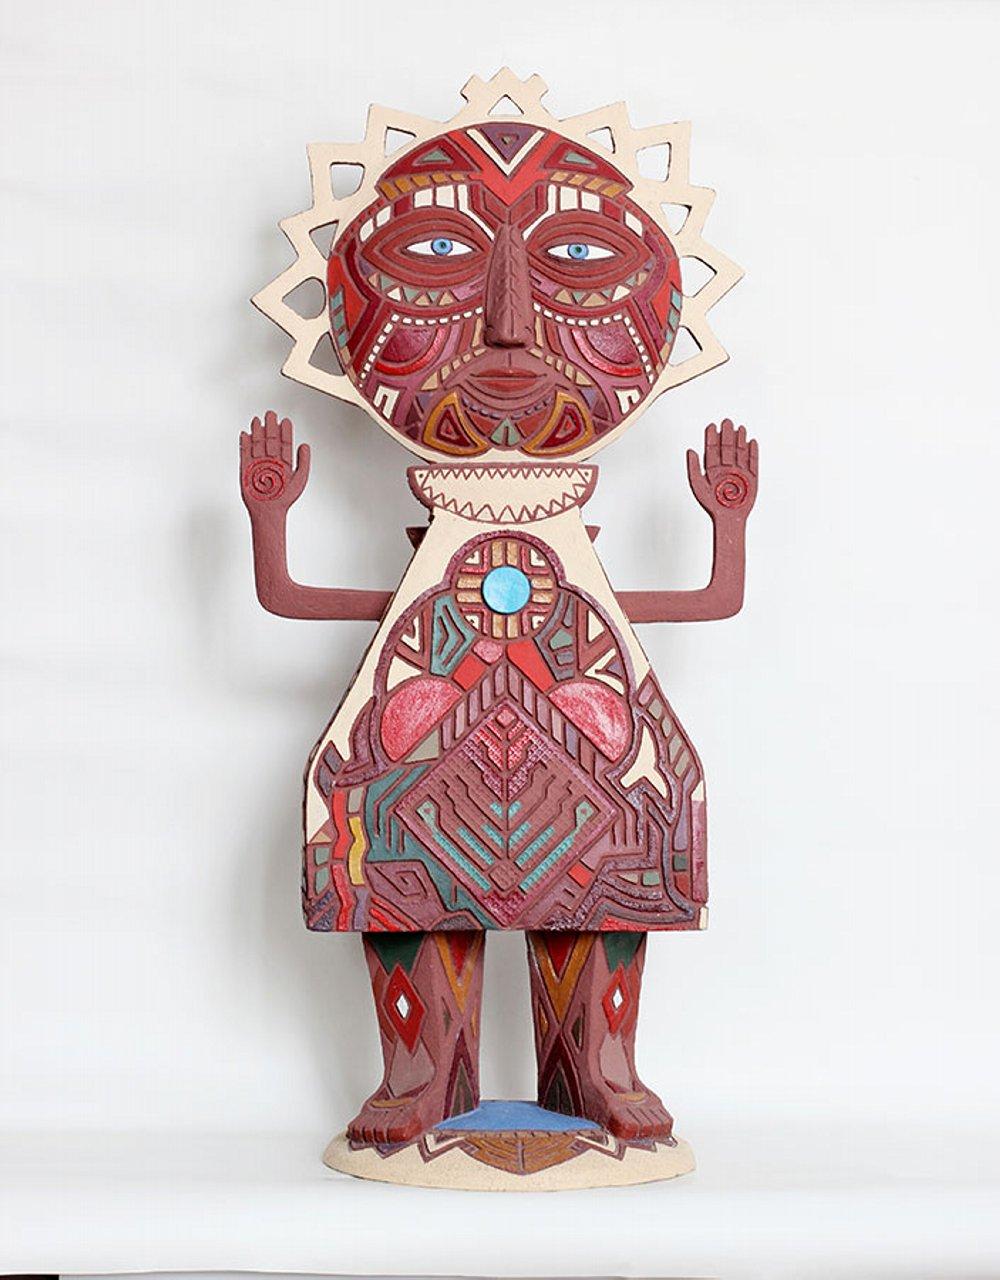 Скульптура «Eclipse» (Солнечное затмение), коллекция «Метафизическая», Ляля Галеева, шамот, ангобы, акрил